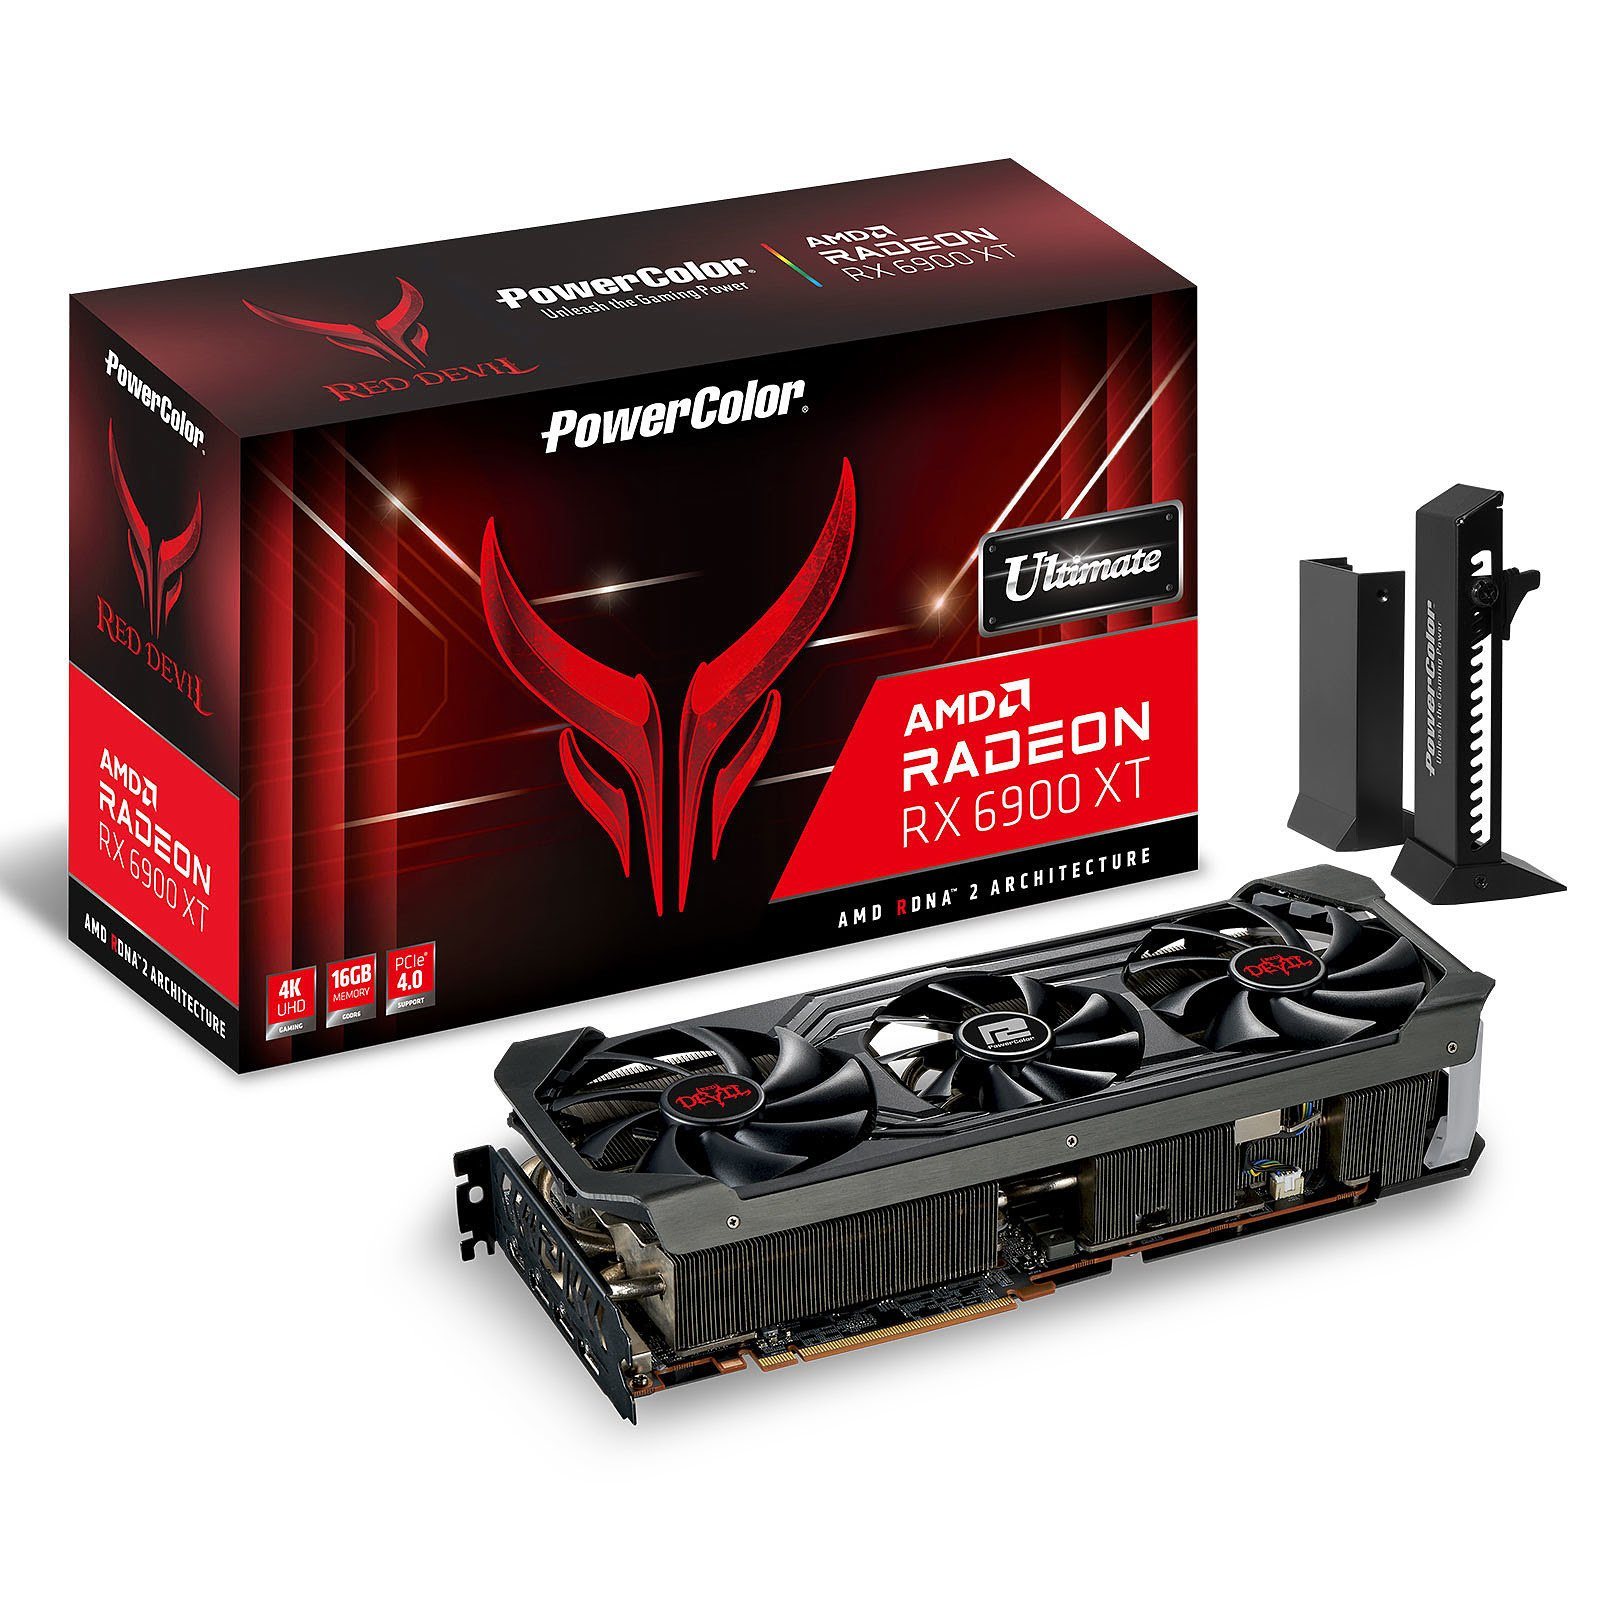 PowerColor RED DEVIL RX 6900XT ULTIMATE 16GB - Carte graphique - 0